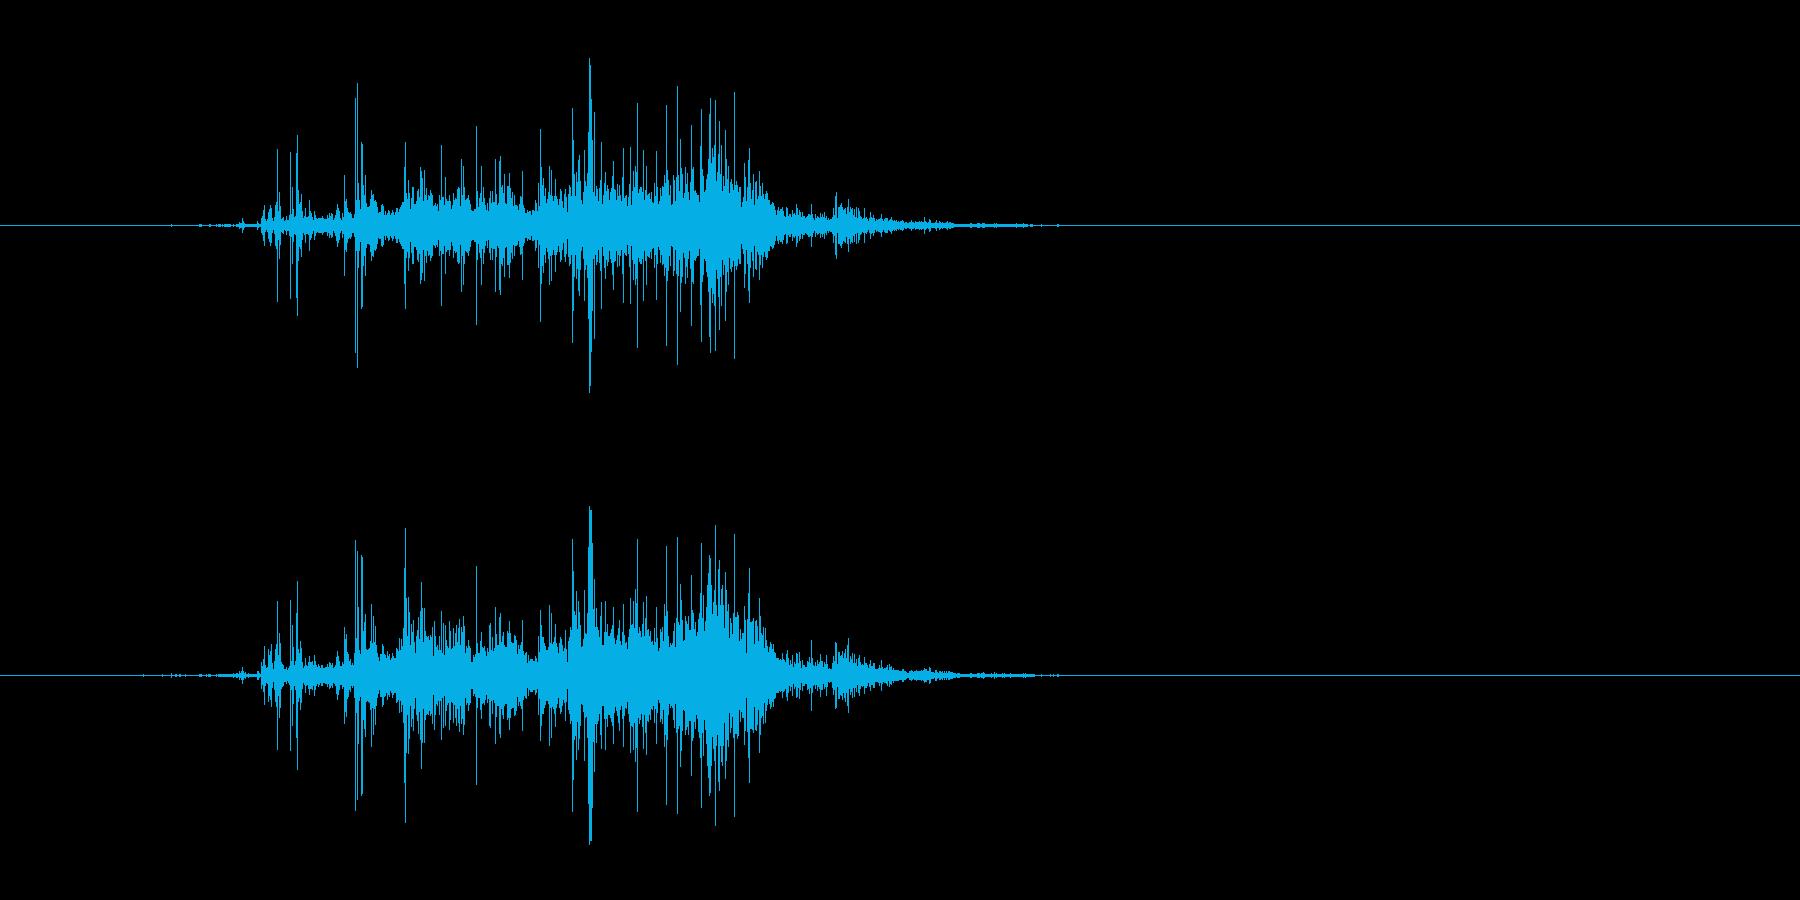 木が倒れる音(メリメリッ、ドサッ)の再生済みの波形